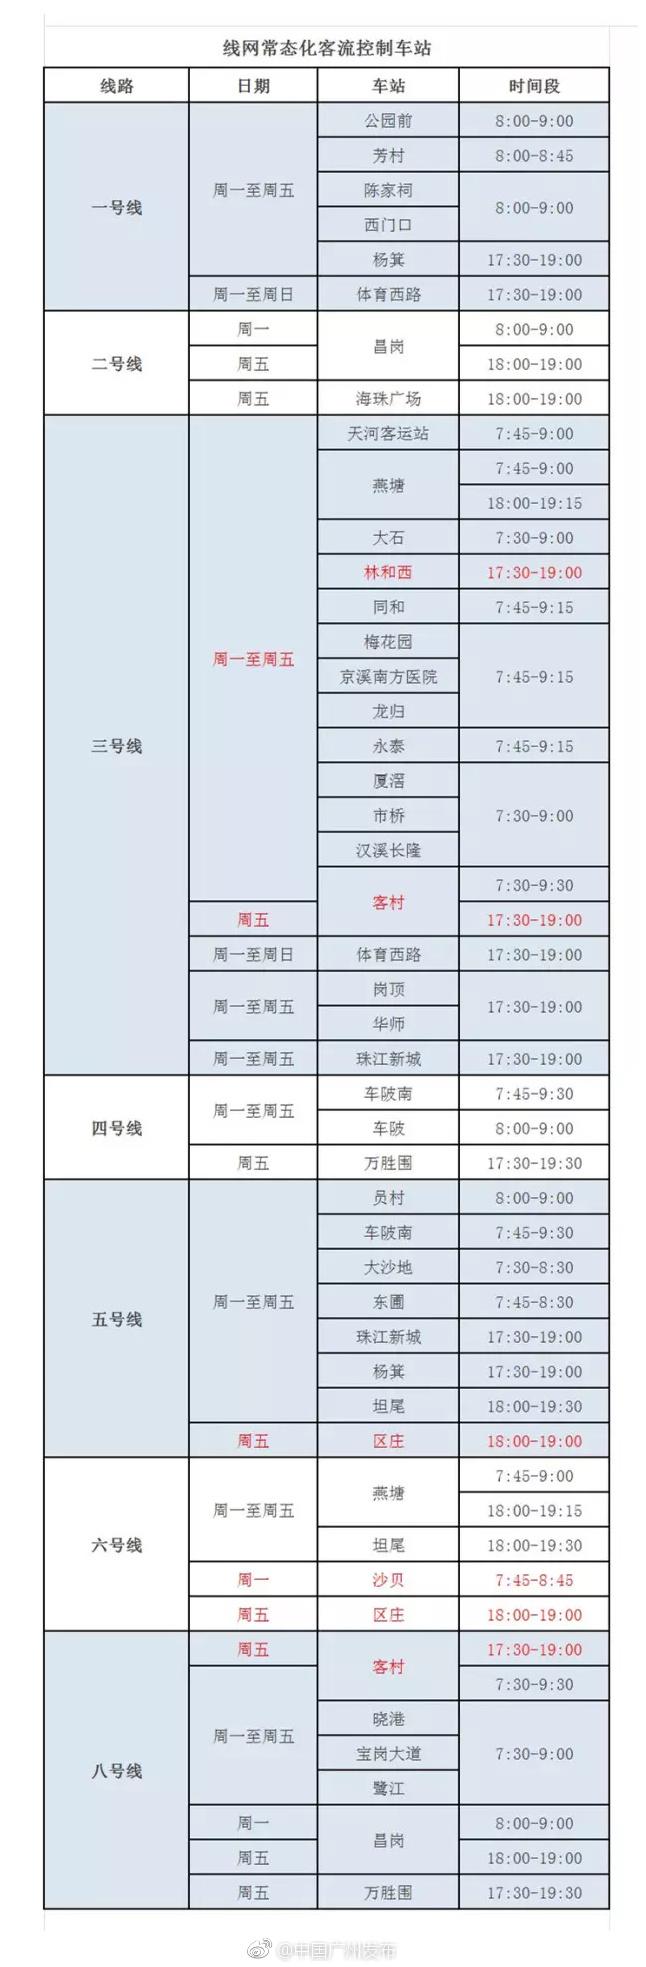 广州地铁常态化客流控制站点及管制时段一览